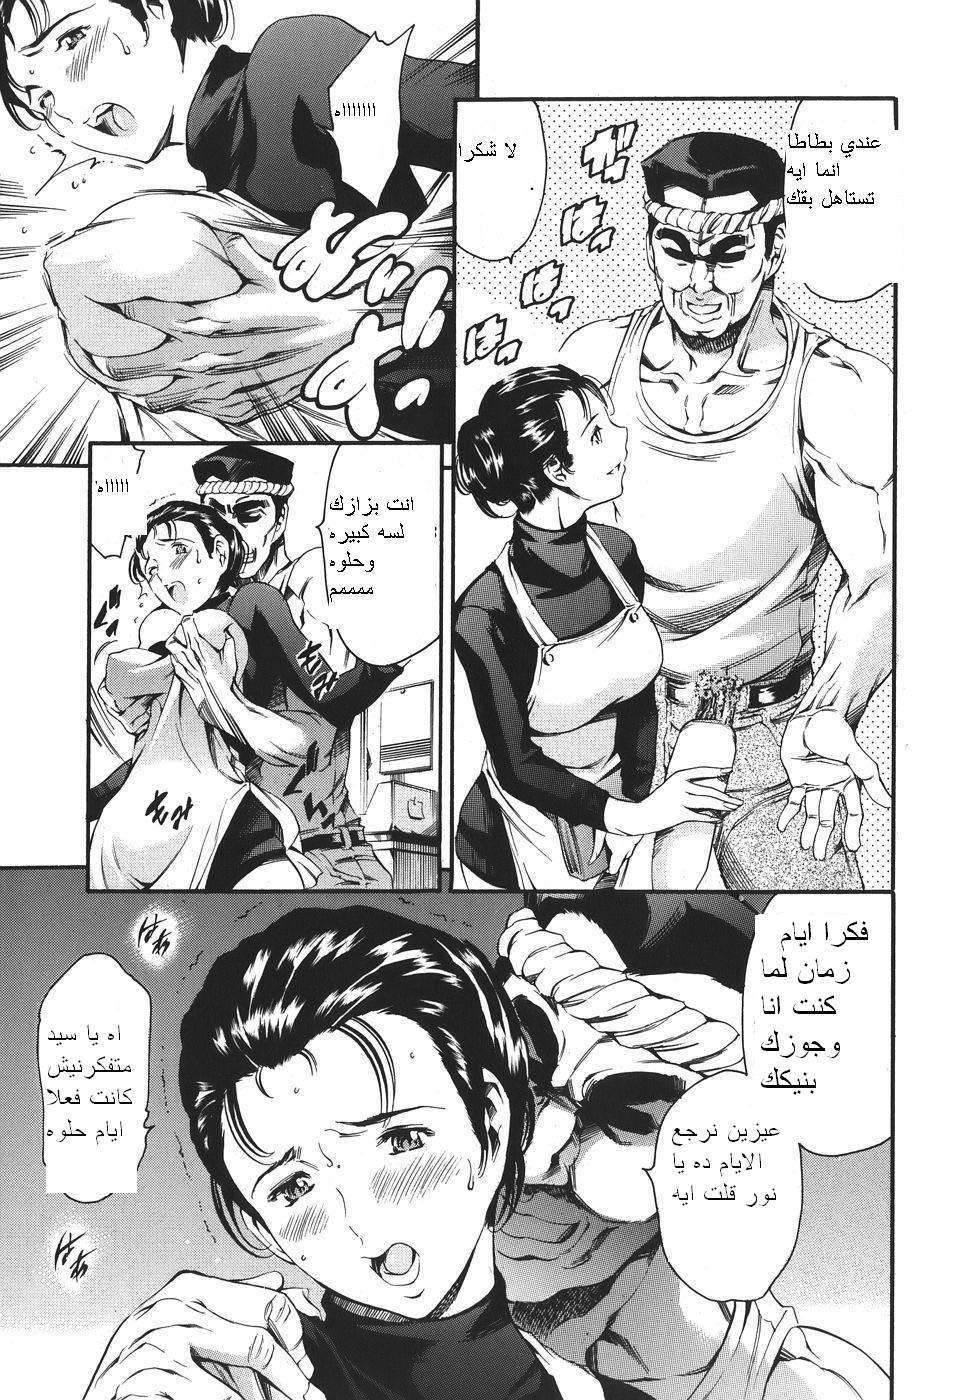 منتديات عطعوط: xnxx سكس عربى افلام ...